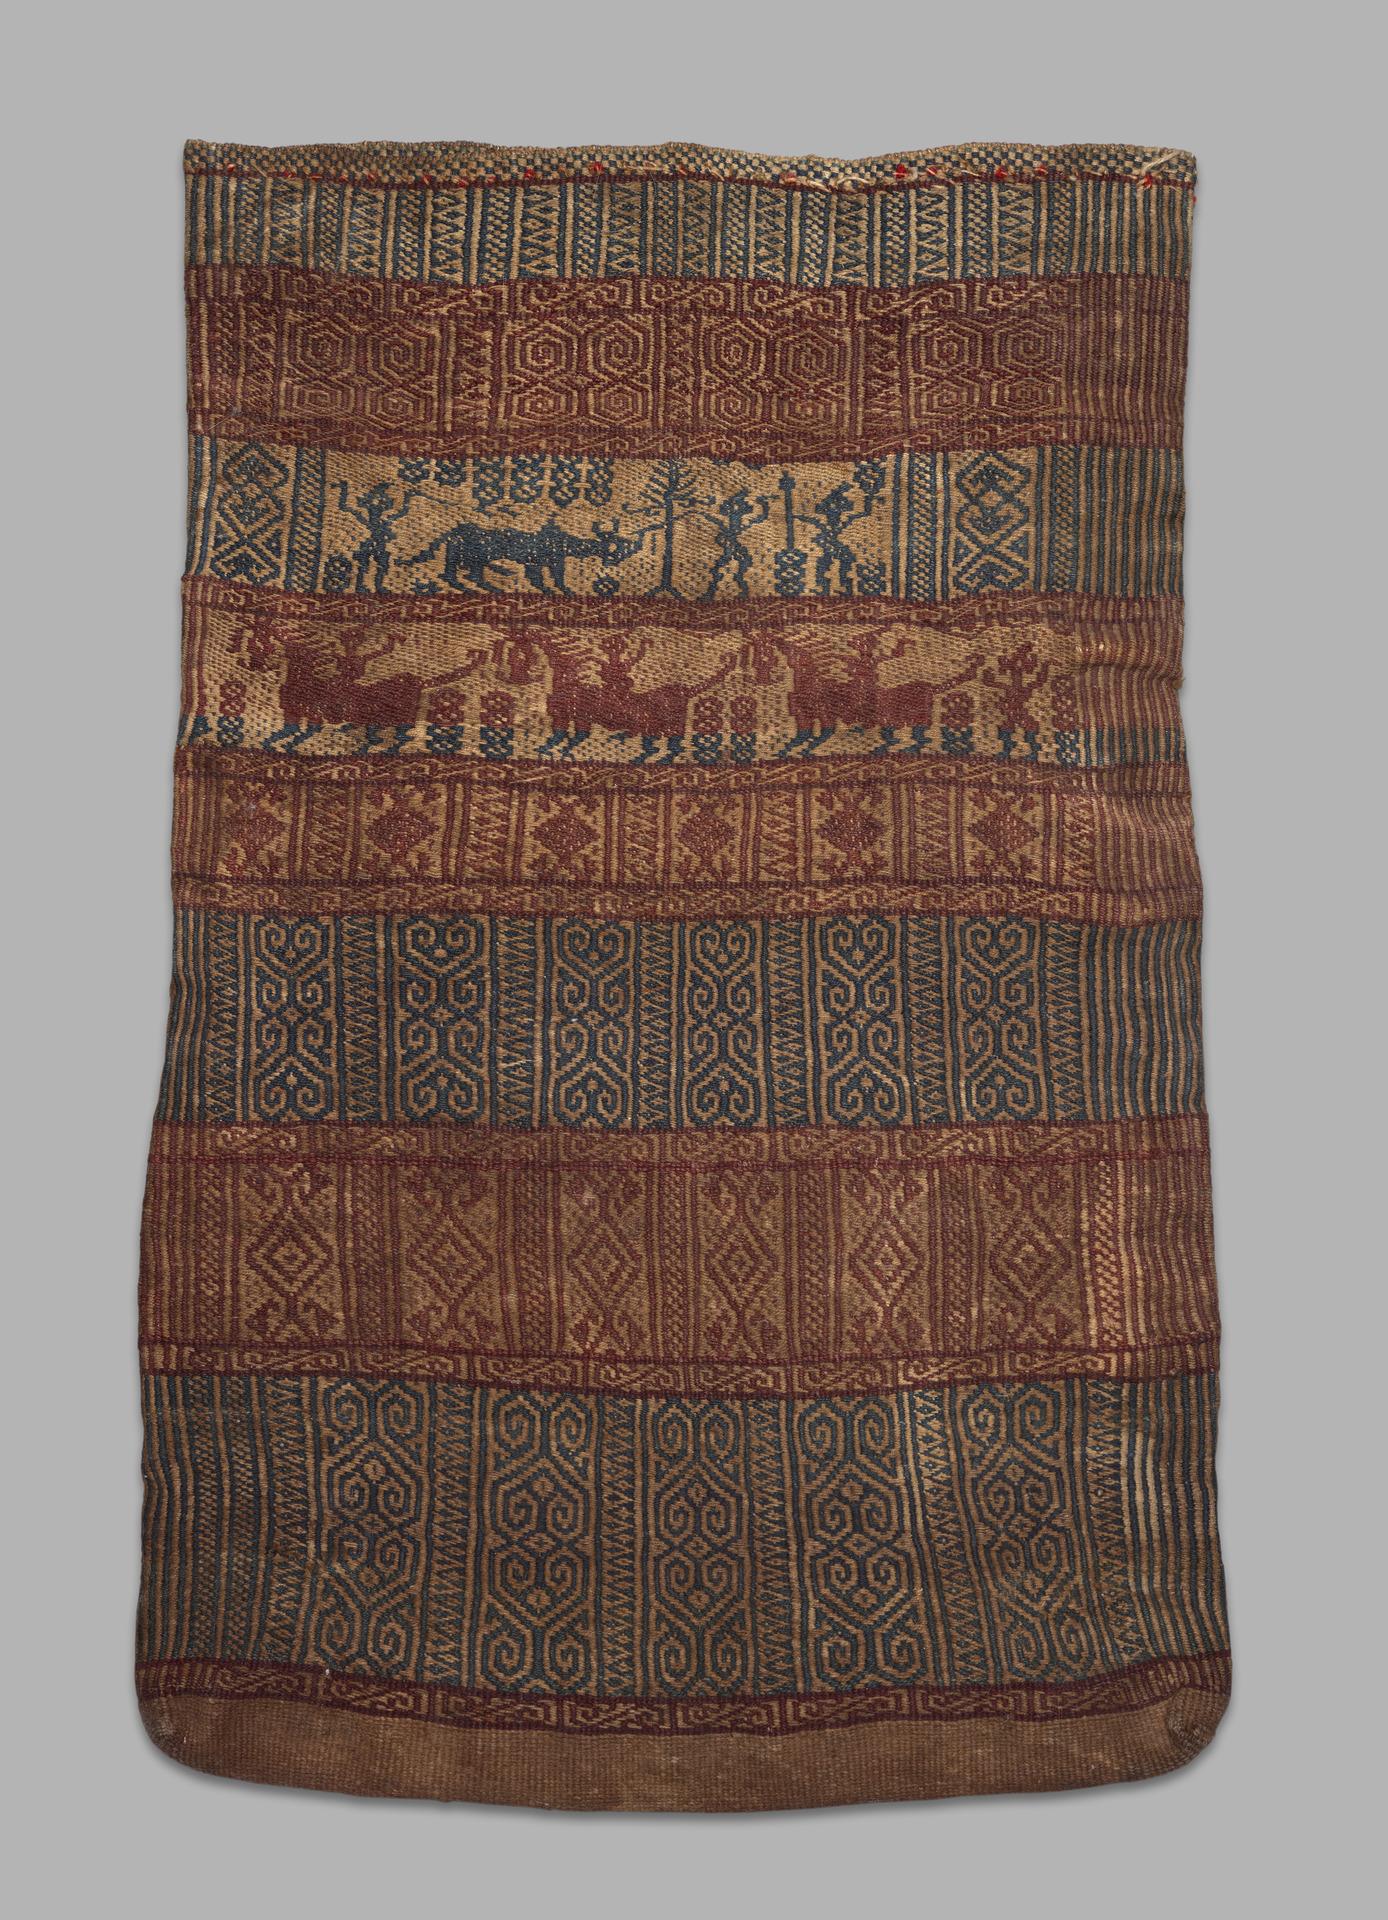 Weft Twined Bag   Batak   North Sumatra © Yale University Art Gallery